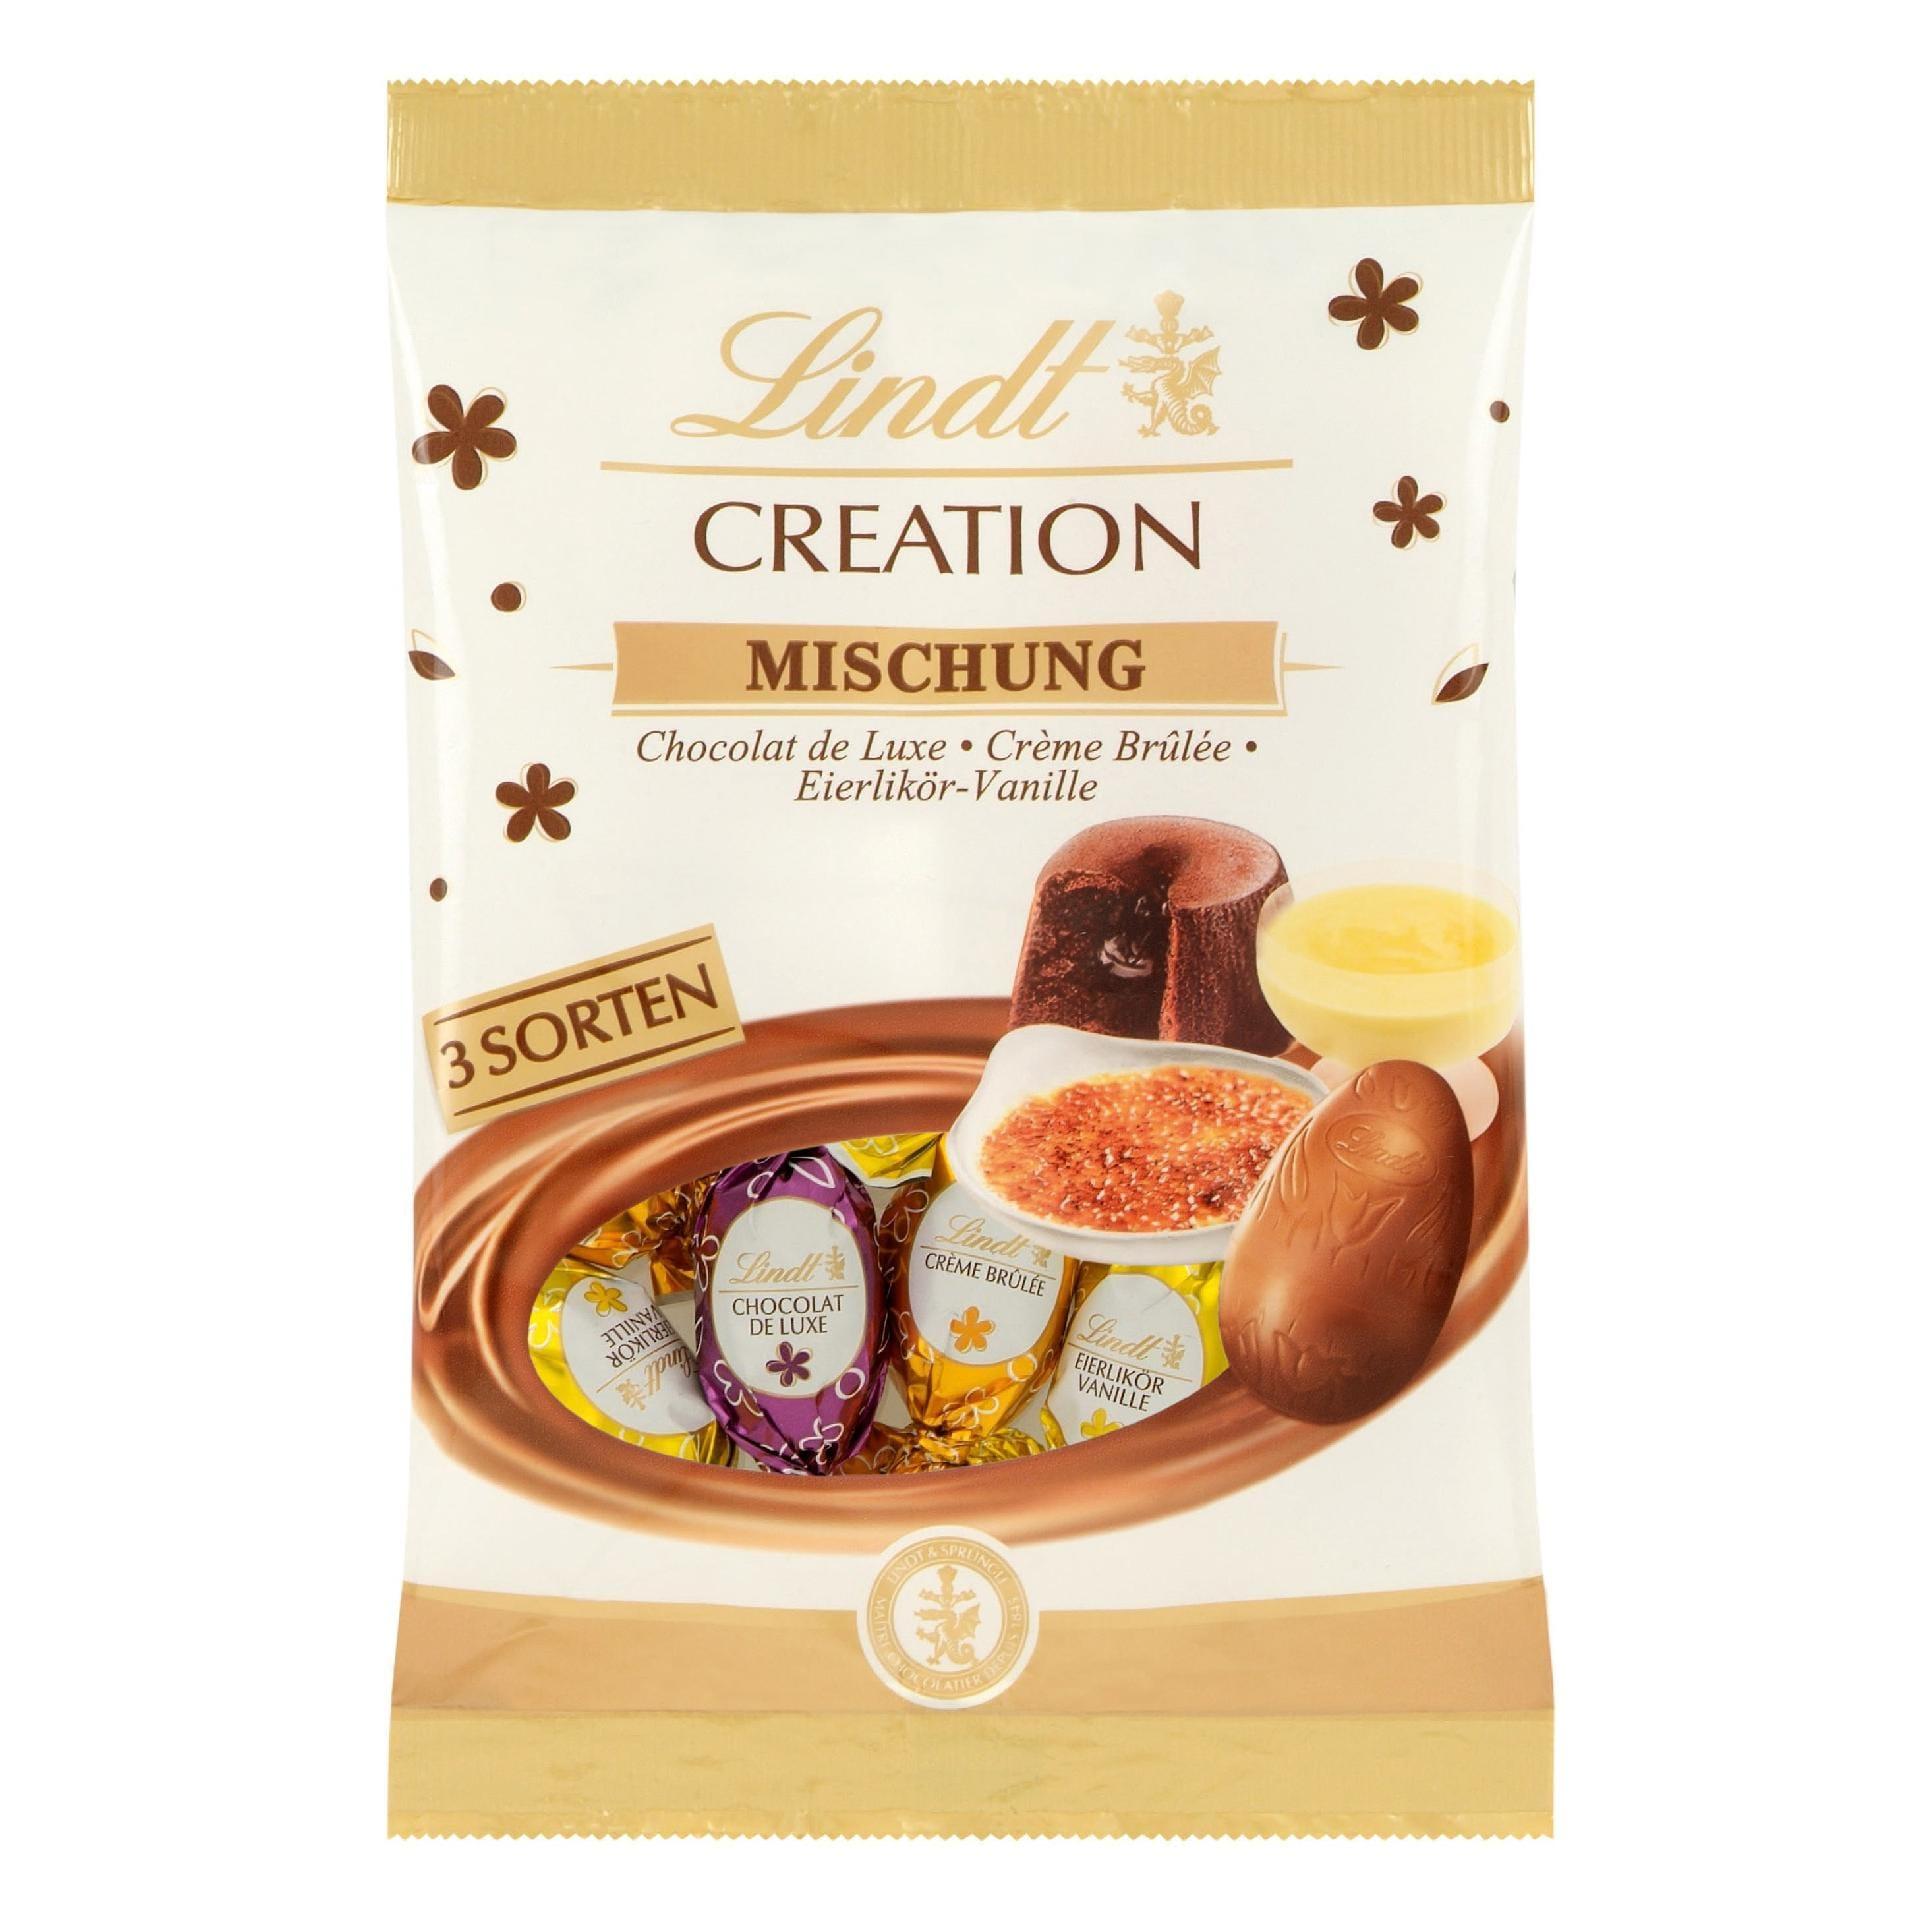 Lindt Creation Mischung Schokoladeneier 144g